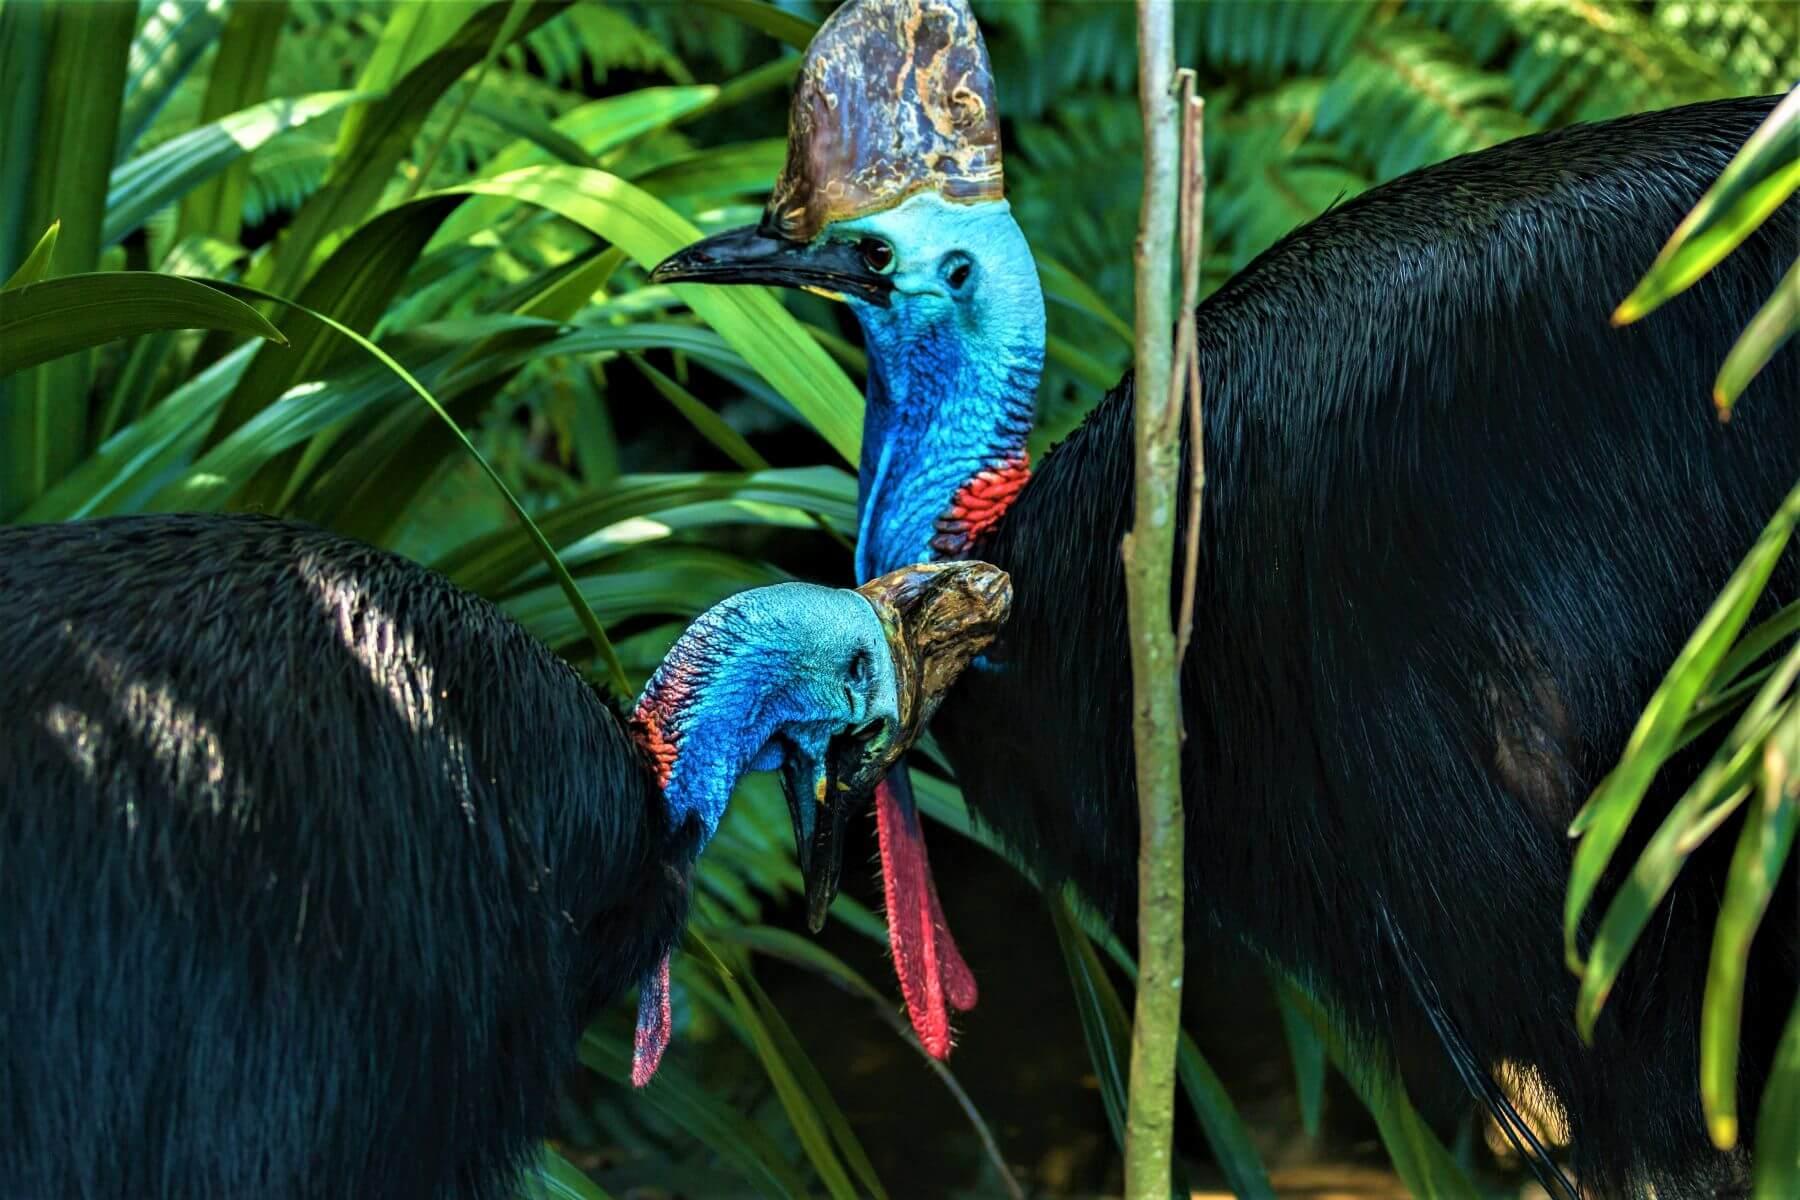 Tiere im Regenwald von Australien - Der Kasuare